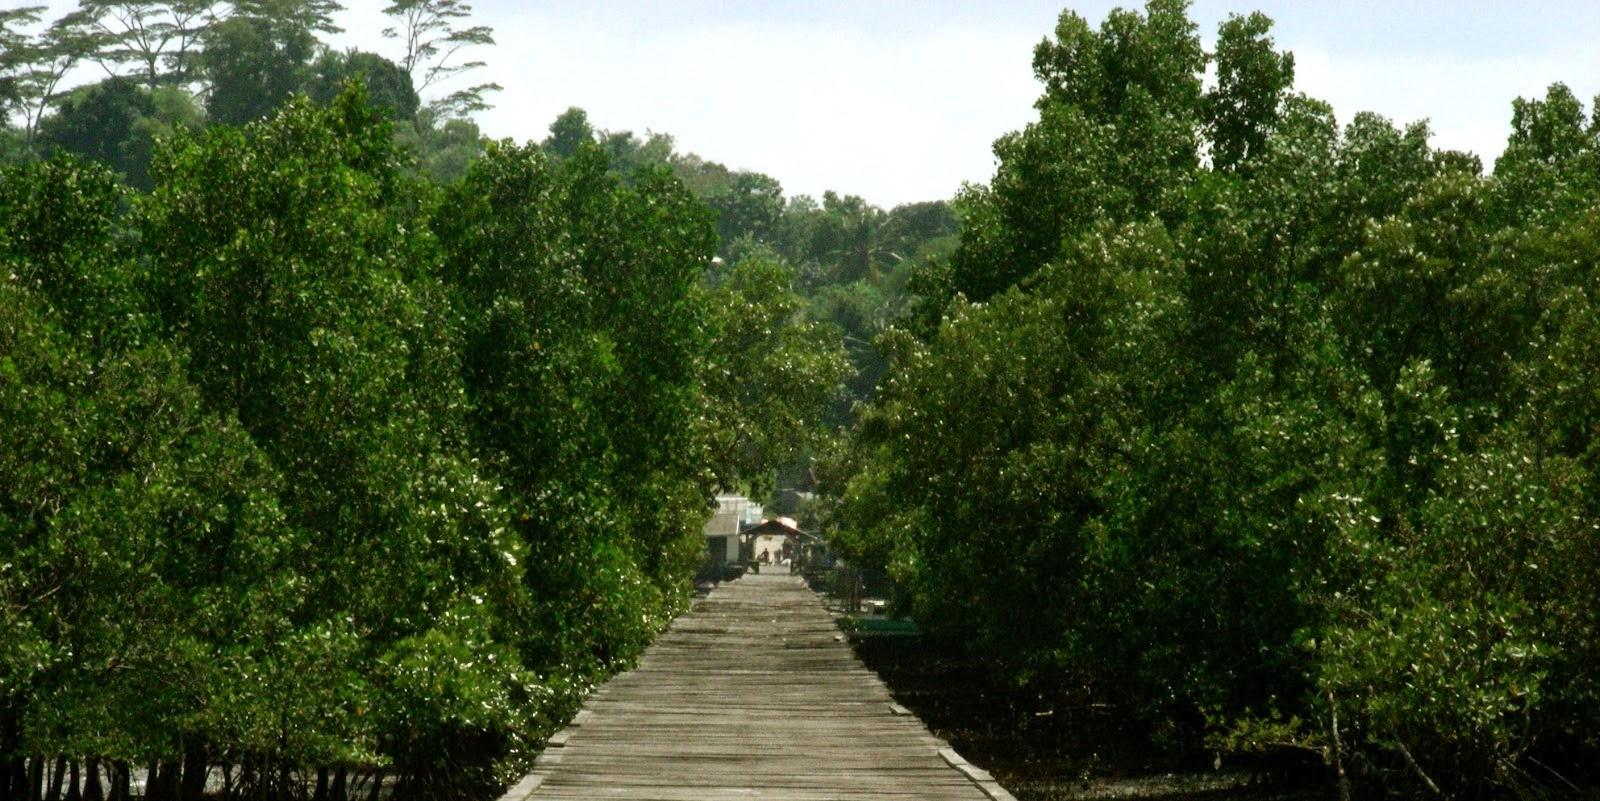 Hutan Mangrove Pasar Banggi Rembang Jawa Tengah Kab